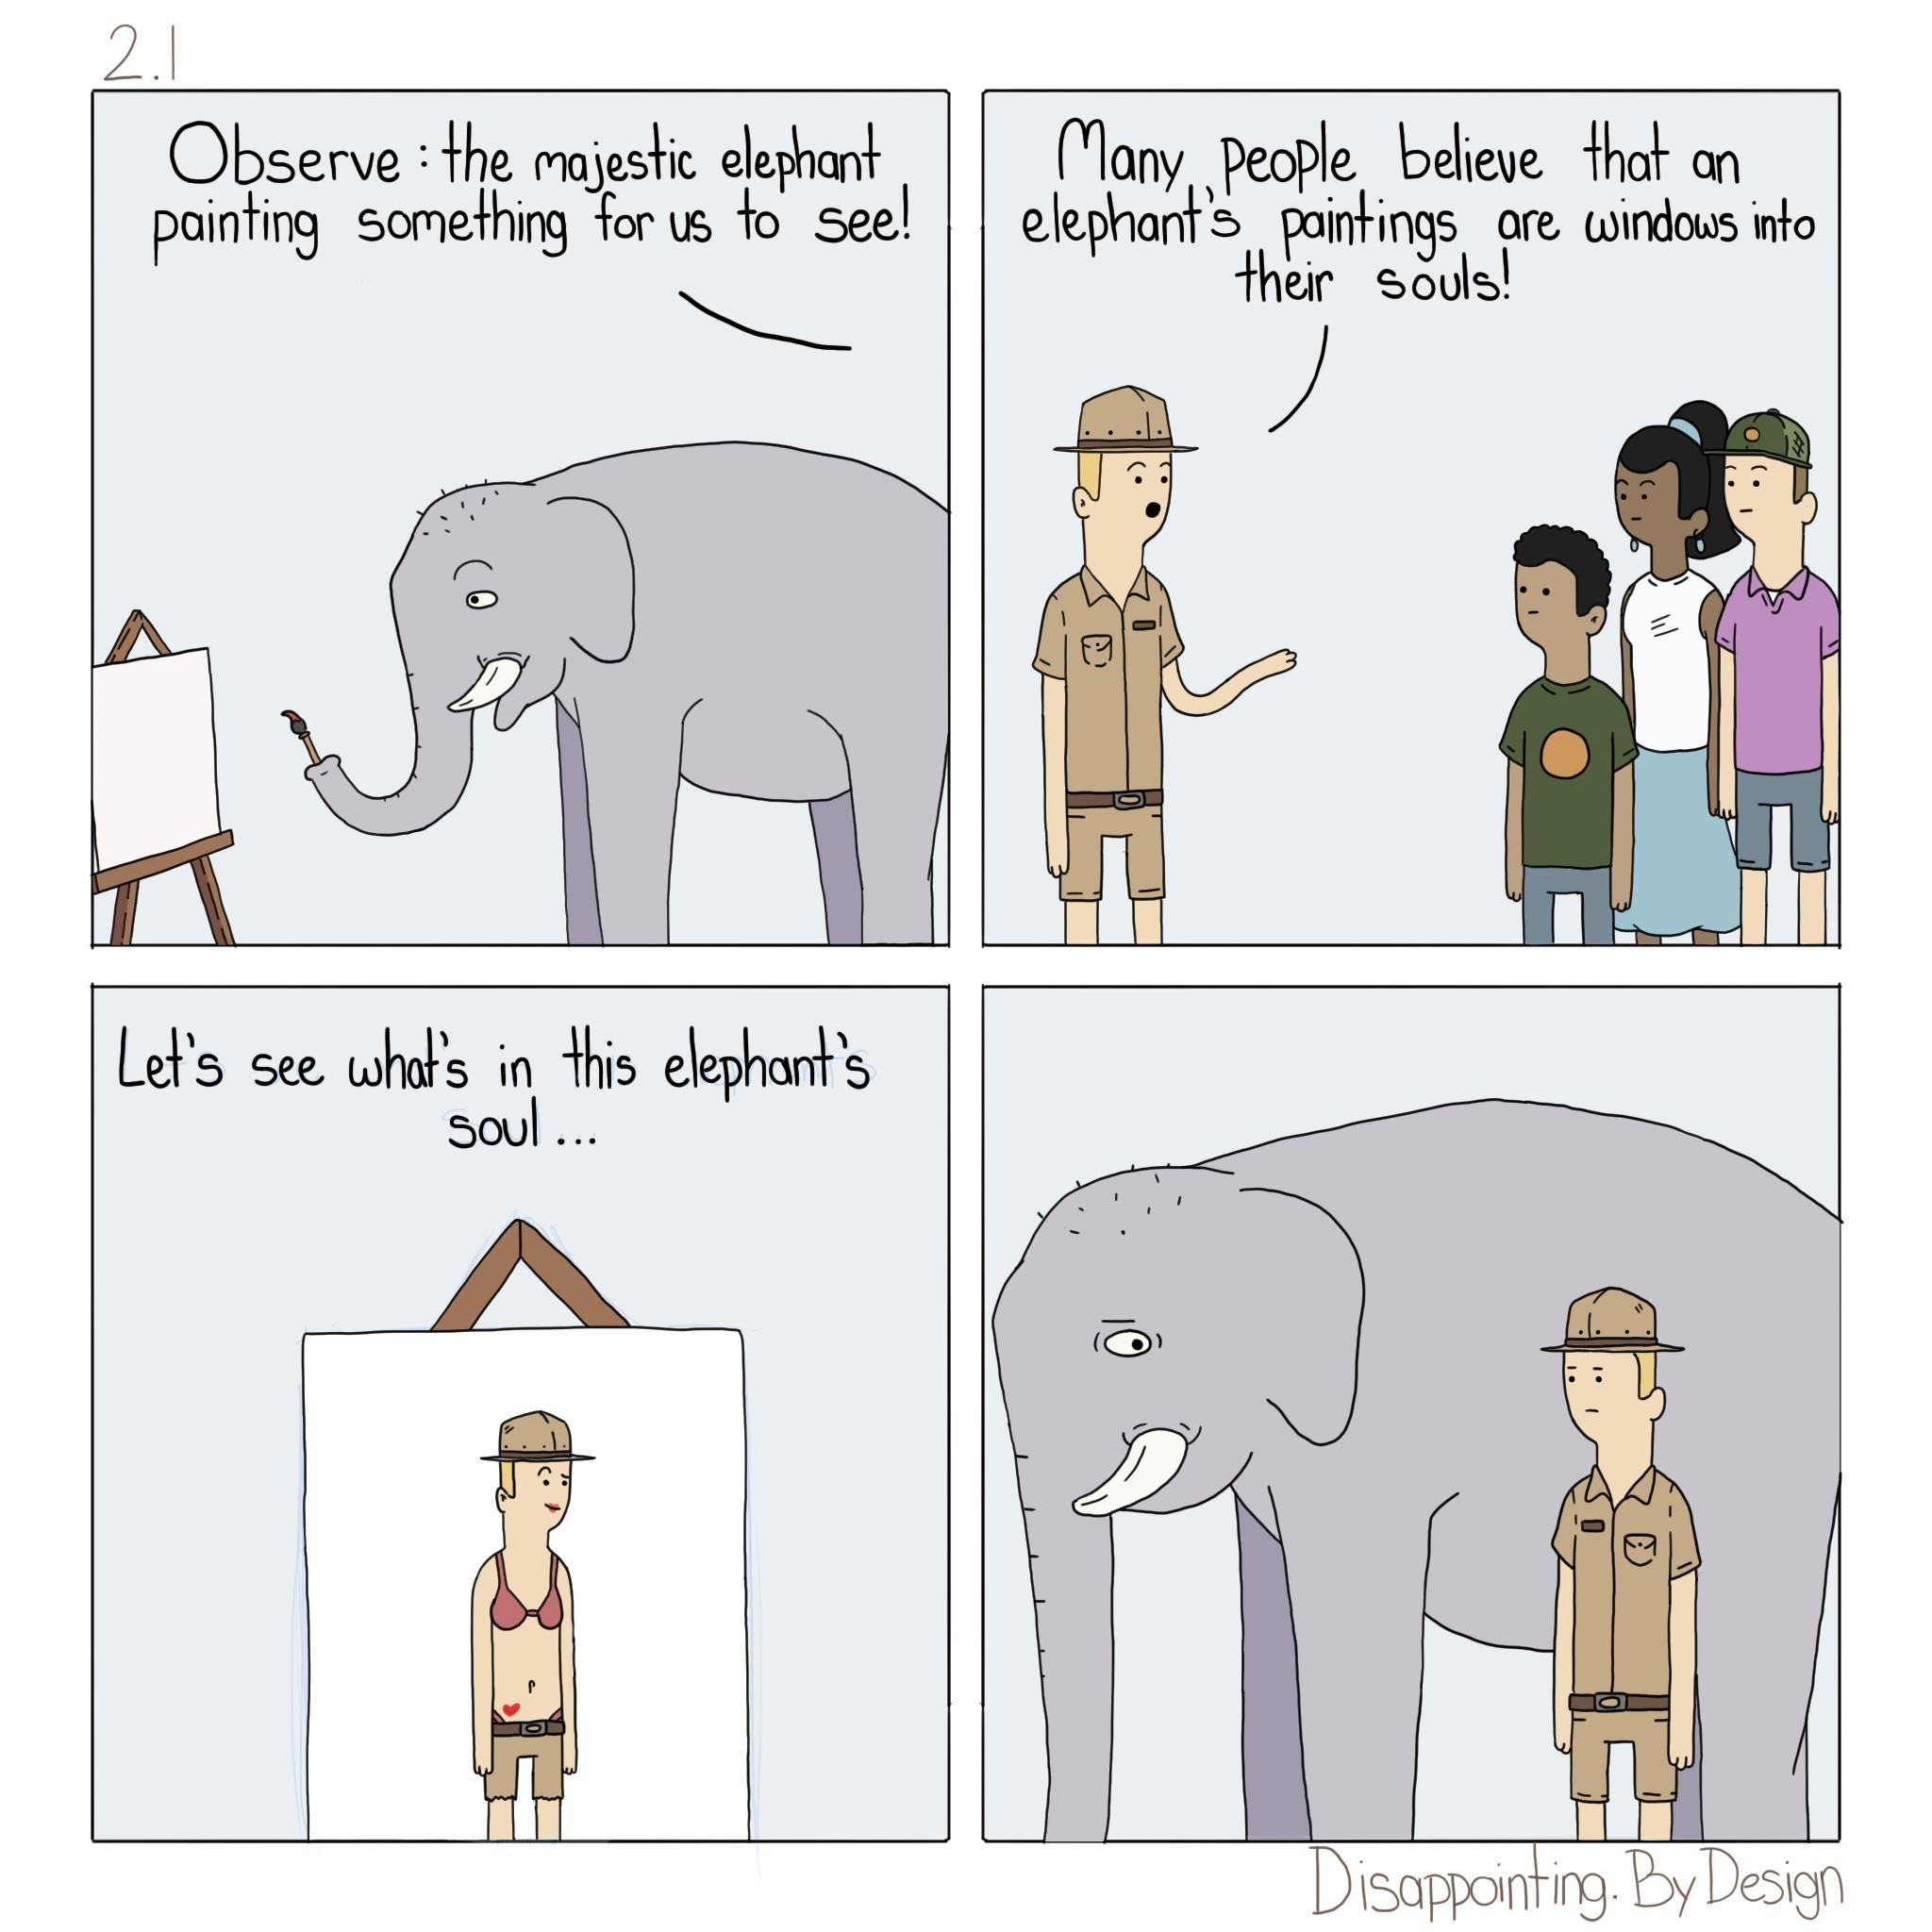 The Elephant's Soul